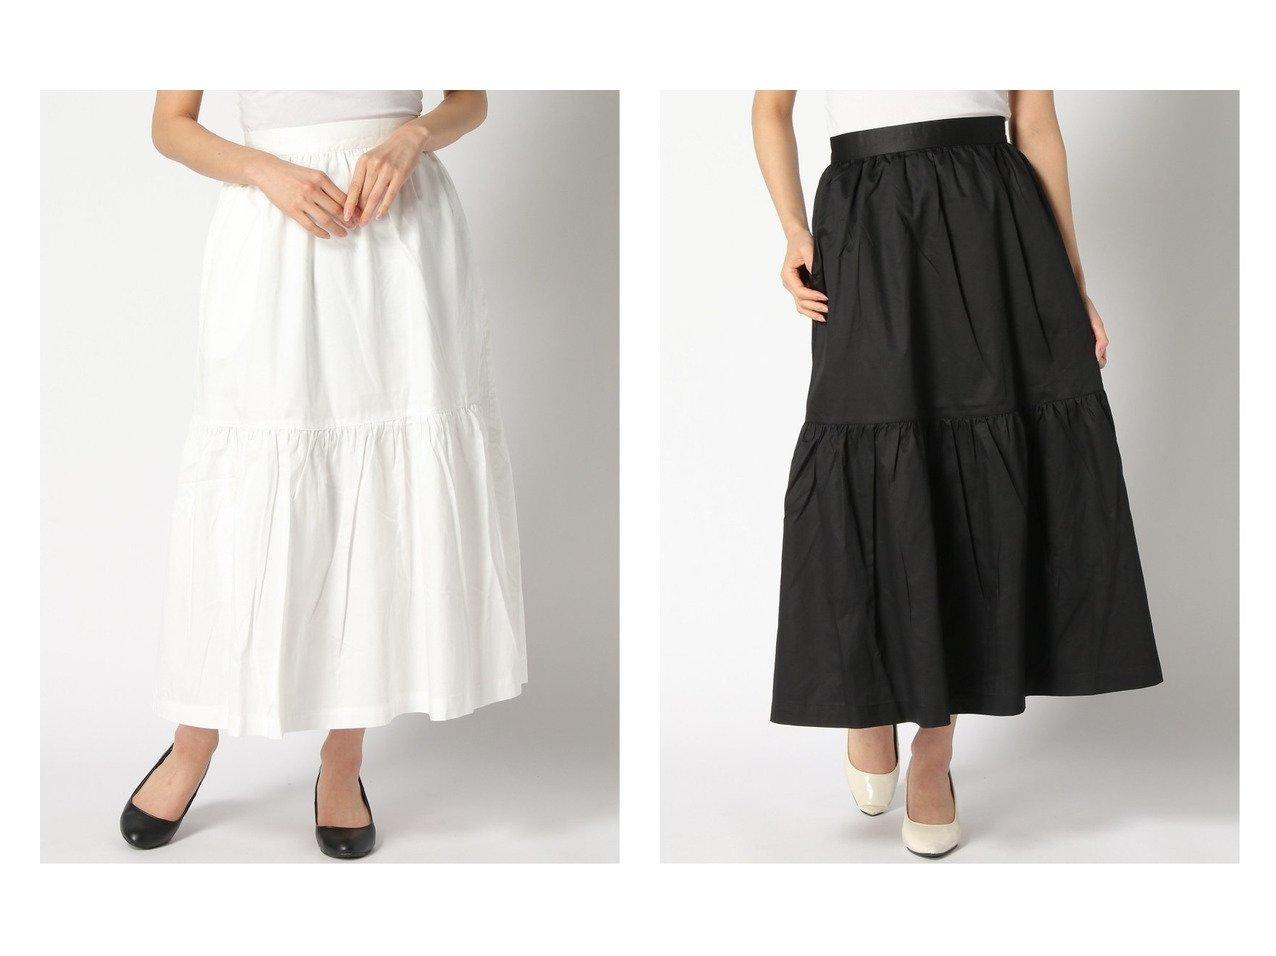 【GLOBAL WORK/グローバルワーク】のタイプライターフレアスカート 【プチプライス】おすすめ!人気トレンド・ファッション通販 おすすめで人気の流行・トレンド、ファッションの通販商品 インテリア・家具・メンズファッション・キッズファッション・レディースファッション・服の通販 founy(ファニー) https://founy.com/ ファッション Fashion レディースファッション WOMEN スカート Skirt Aライン/フレアスカート Flared A-Line Skirts S/S・春夏 SS・Spring/Summer タイプライター フェミニン フレア 春 Spring |ID:crp329100000040141